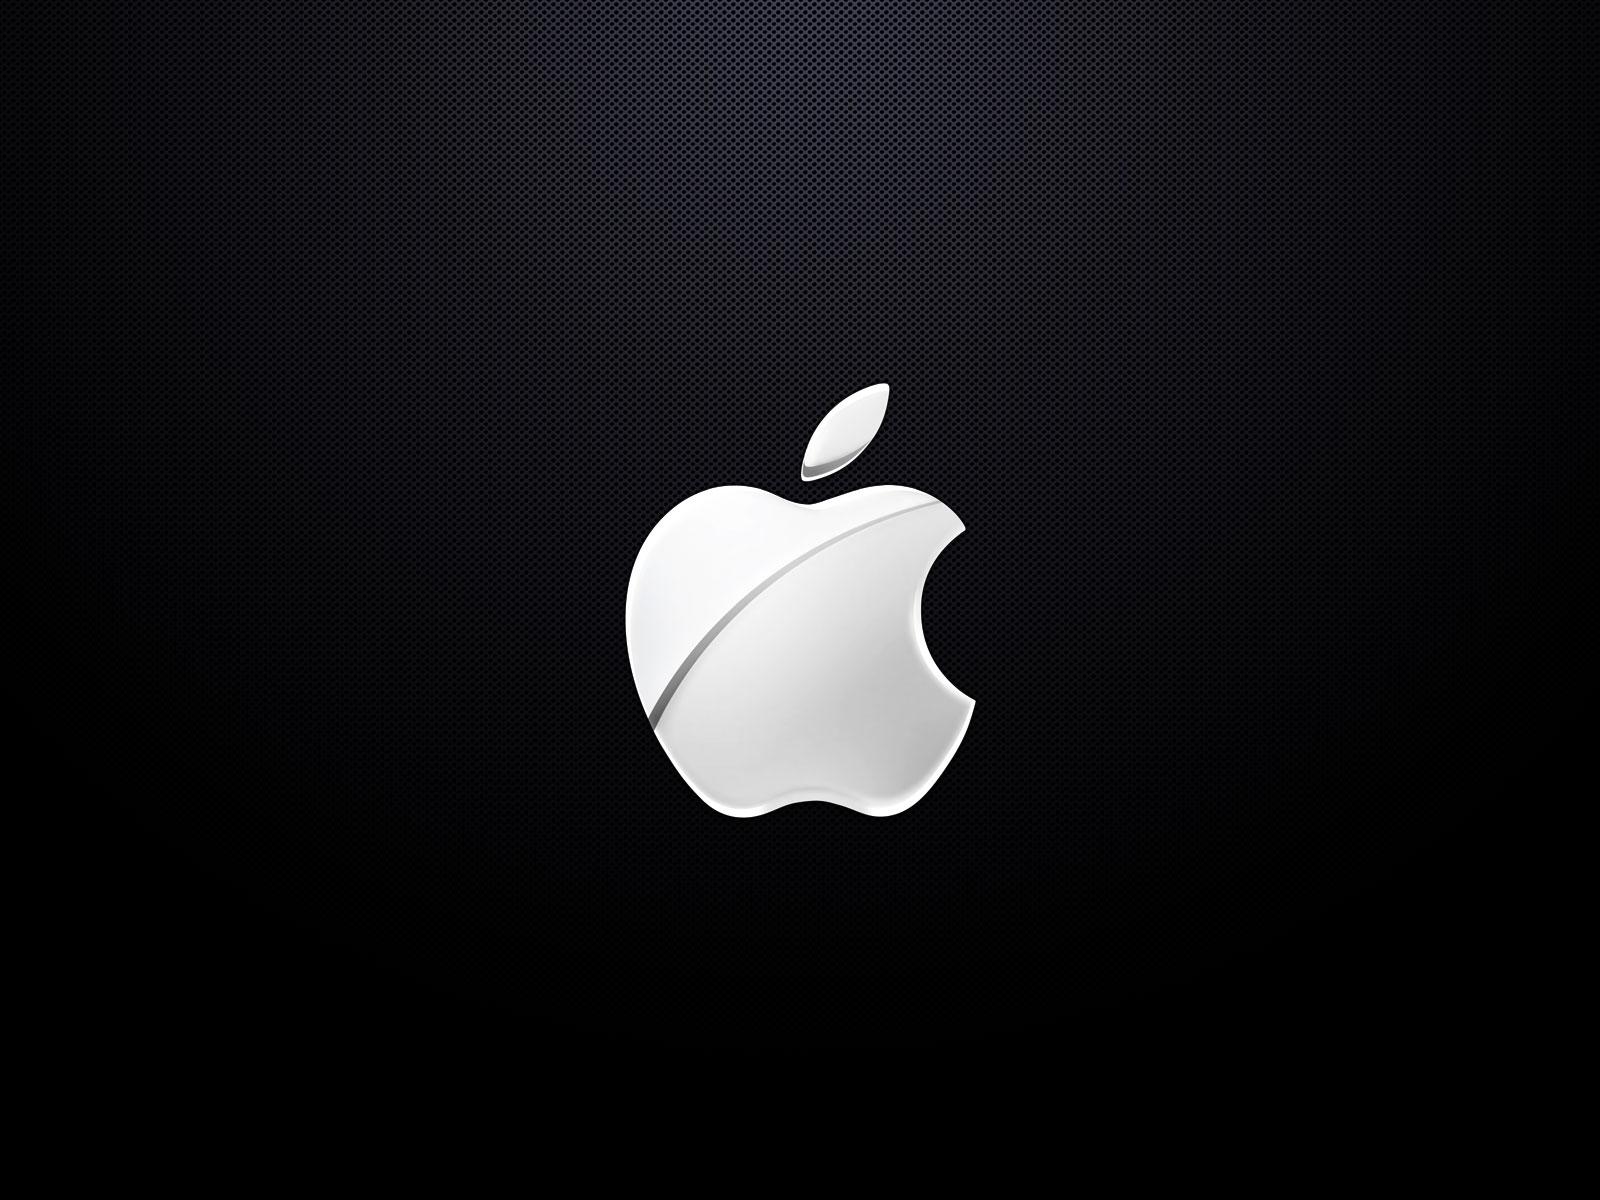 apple1 300x225 - Apple : en tête en termes de fiabilité